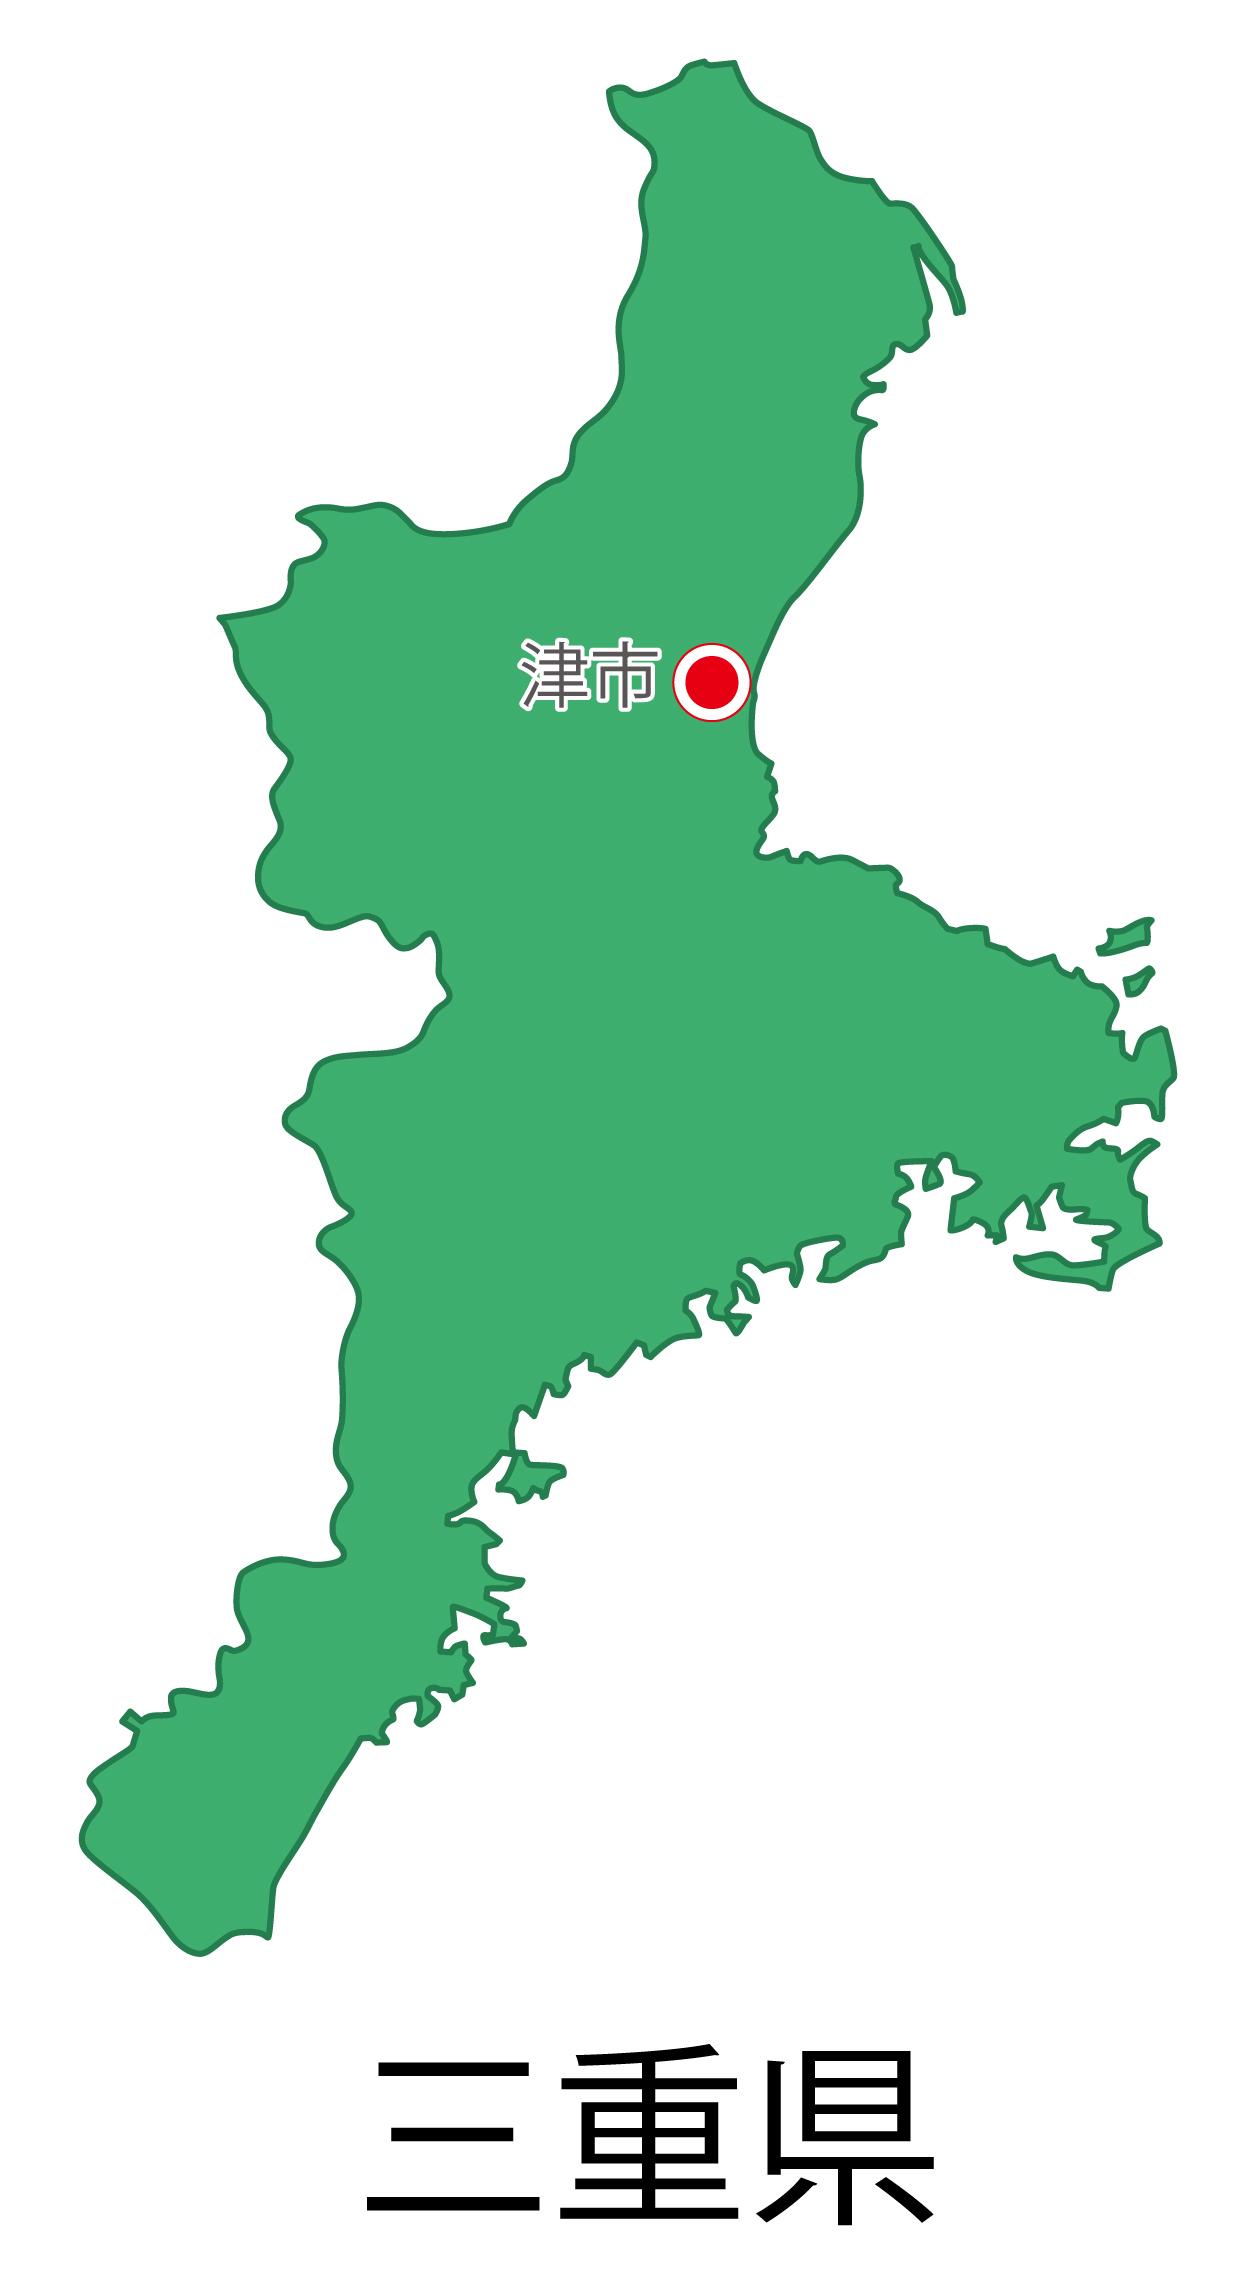 三重県無料フリーイラスト|日本語・都道府県名あり・県庁所在地あり(緑)